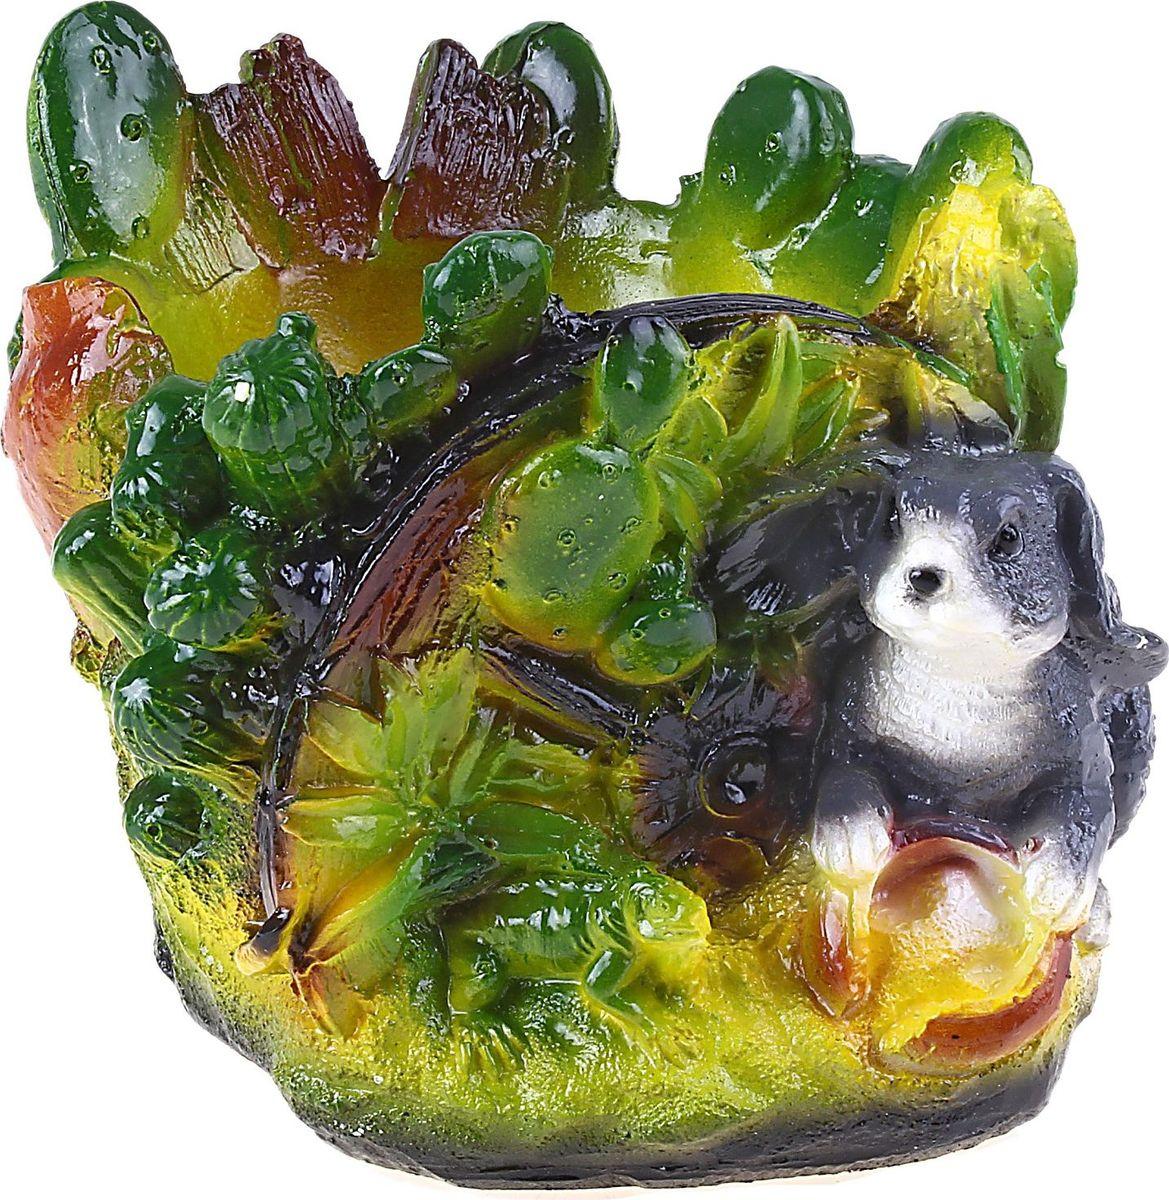 Кашпо Зайчик, 15 х 13 х 11 см644539Комнатные растения — всеобщие любимцы. Они радуют глаз, насыщают помещение кислородом и украшают пространство. Каждому из растений необходим свой удобный и красивый дом. Поселите зеленого питомца в яркое и оригинальное фигурное кашпо Зайчик, выполненное из гипса. Выберите подходящую форму для детской, спальни, гостиной, балкона, офиса или террасы. Кашпо Зайчик позаботится о растении, украсит окружающее пространство и подчеркнет его оригинальный стиль.